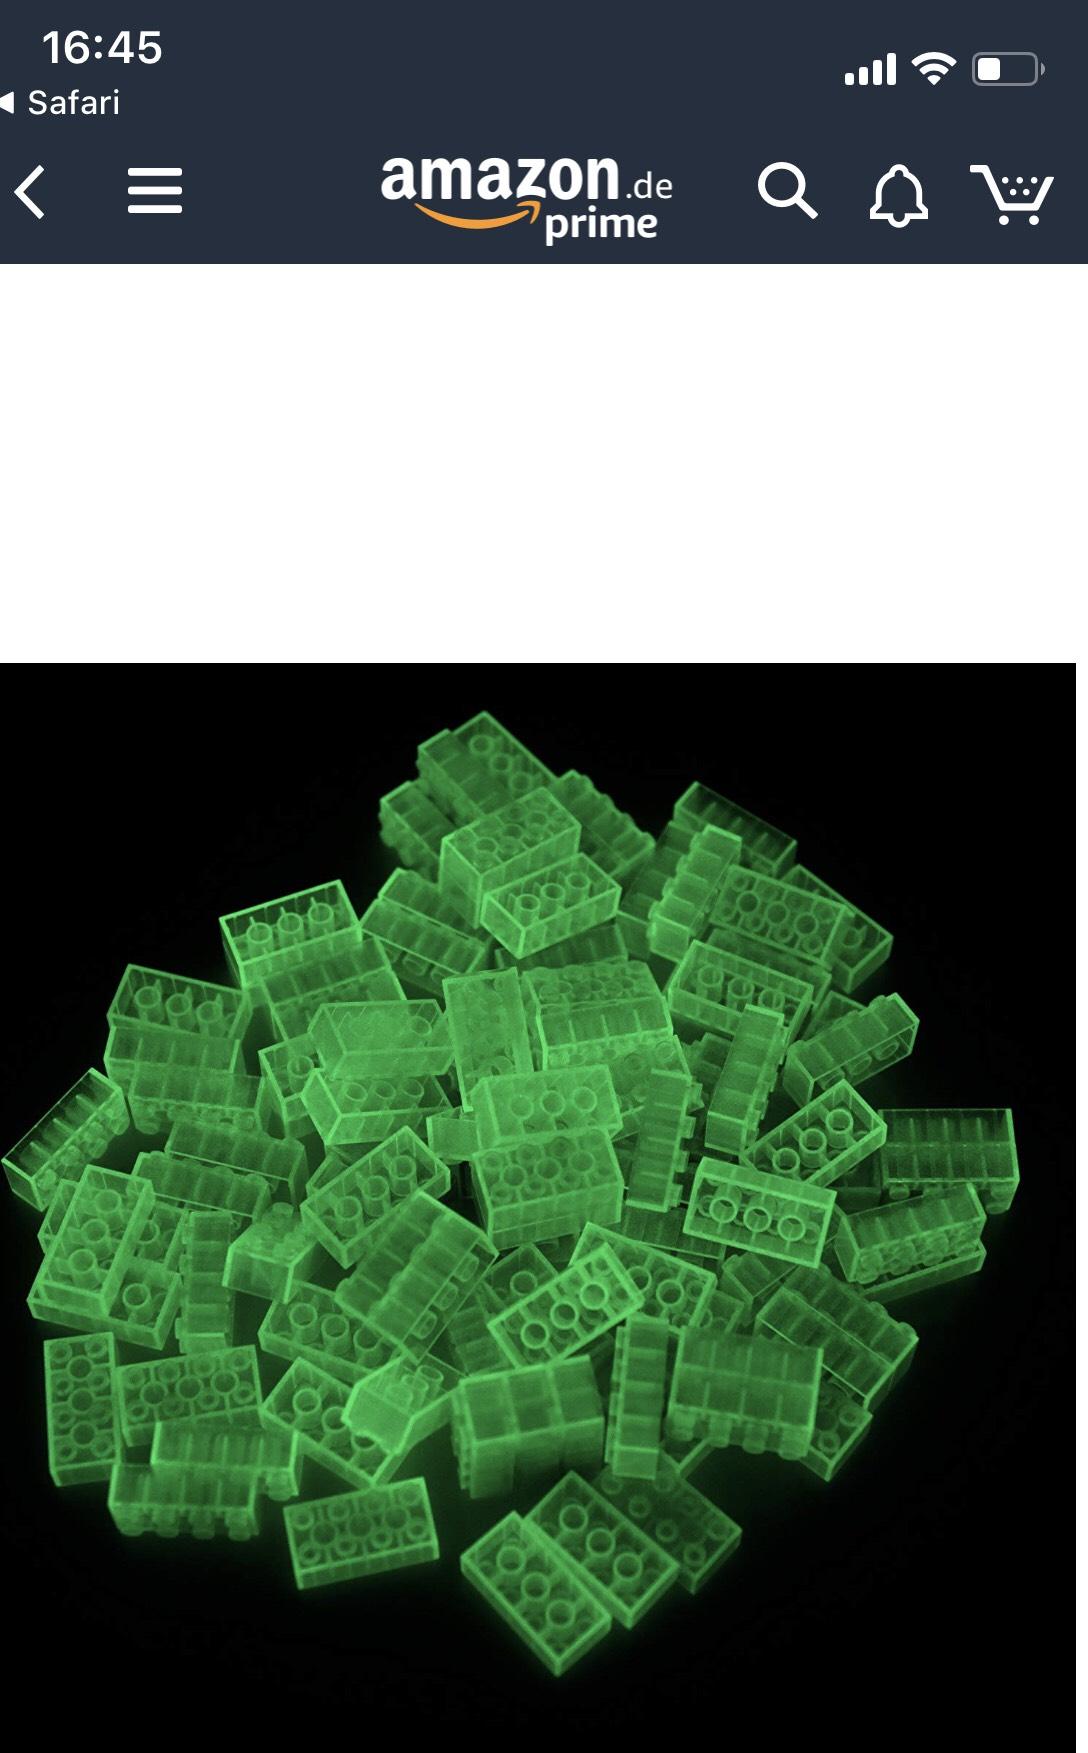 (Amazon Prime) Lego kompatibel - Lumentics Leuchtsteine 100 Stück - in GELB oder 2er Set Basisplatte